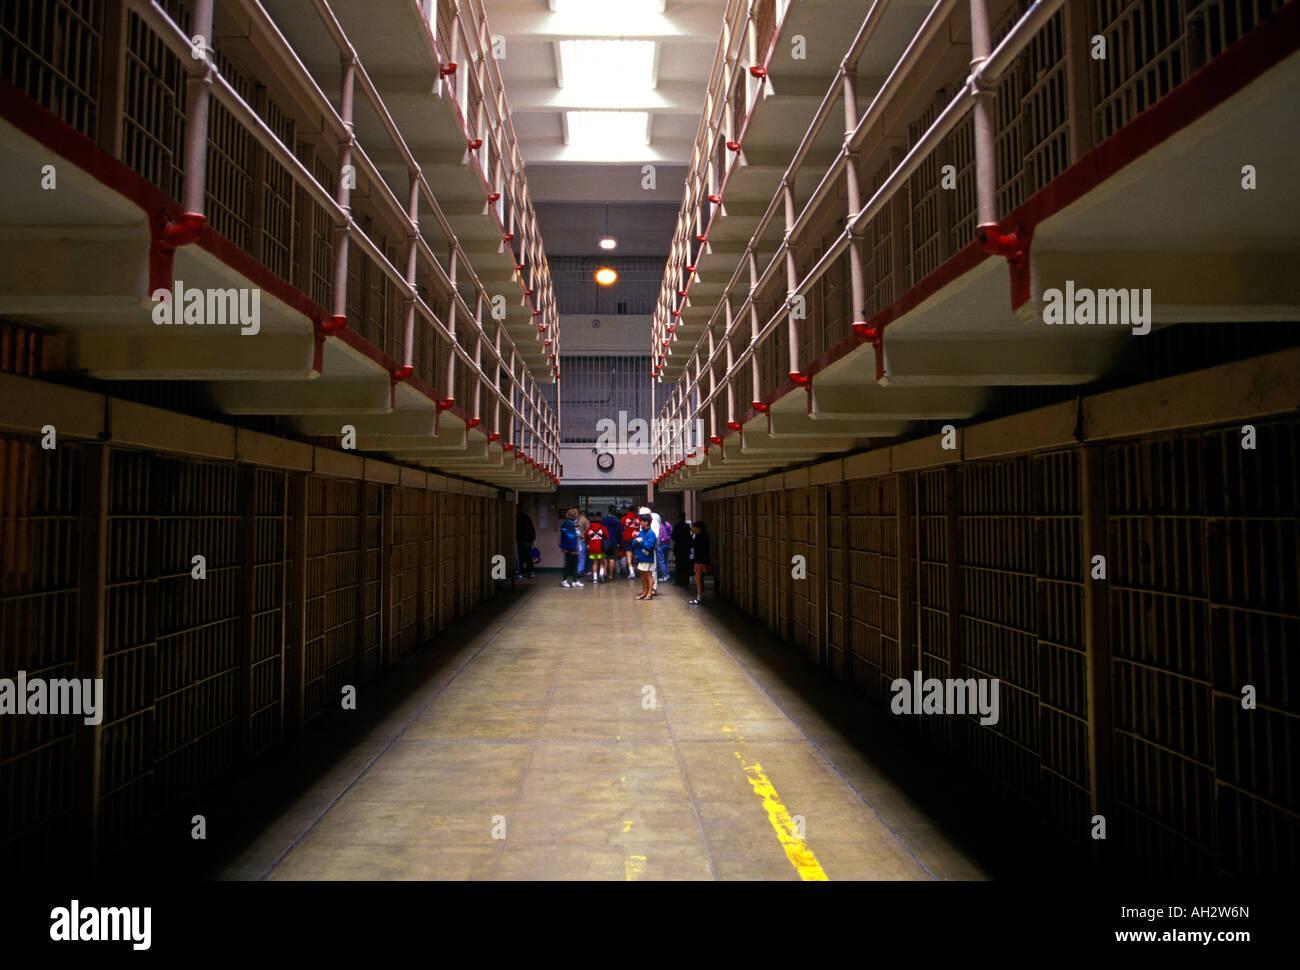 cell block, Broadway, Alcatraz Prison, Alcatraz Island, La Isla de los Alcatraces, San Francisco, California, United - Stock Image